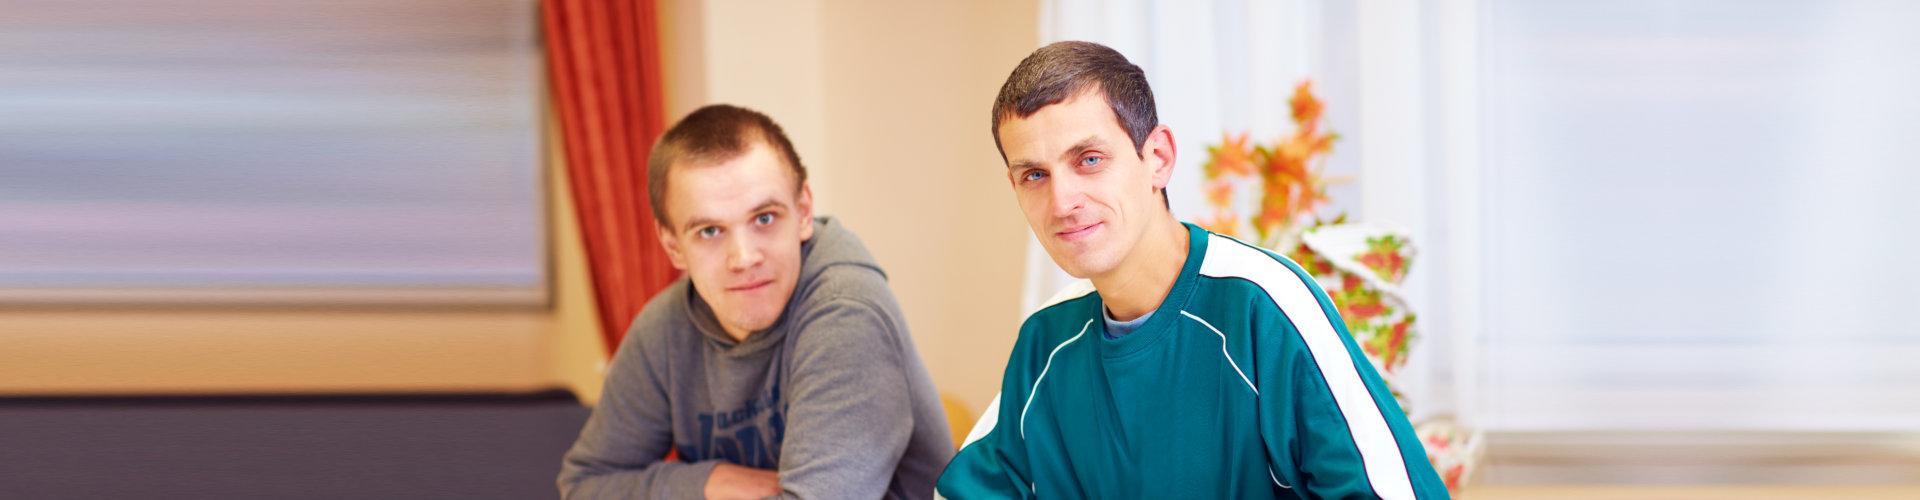 two men smiling